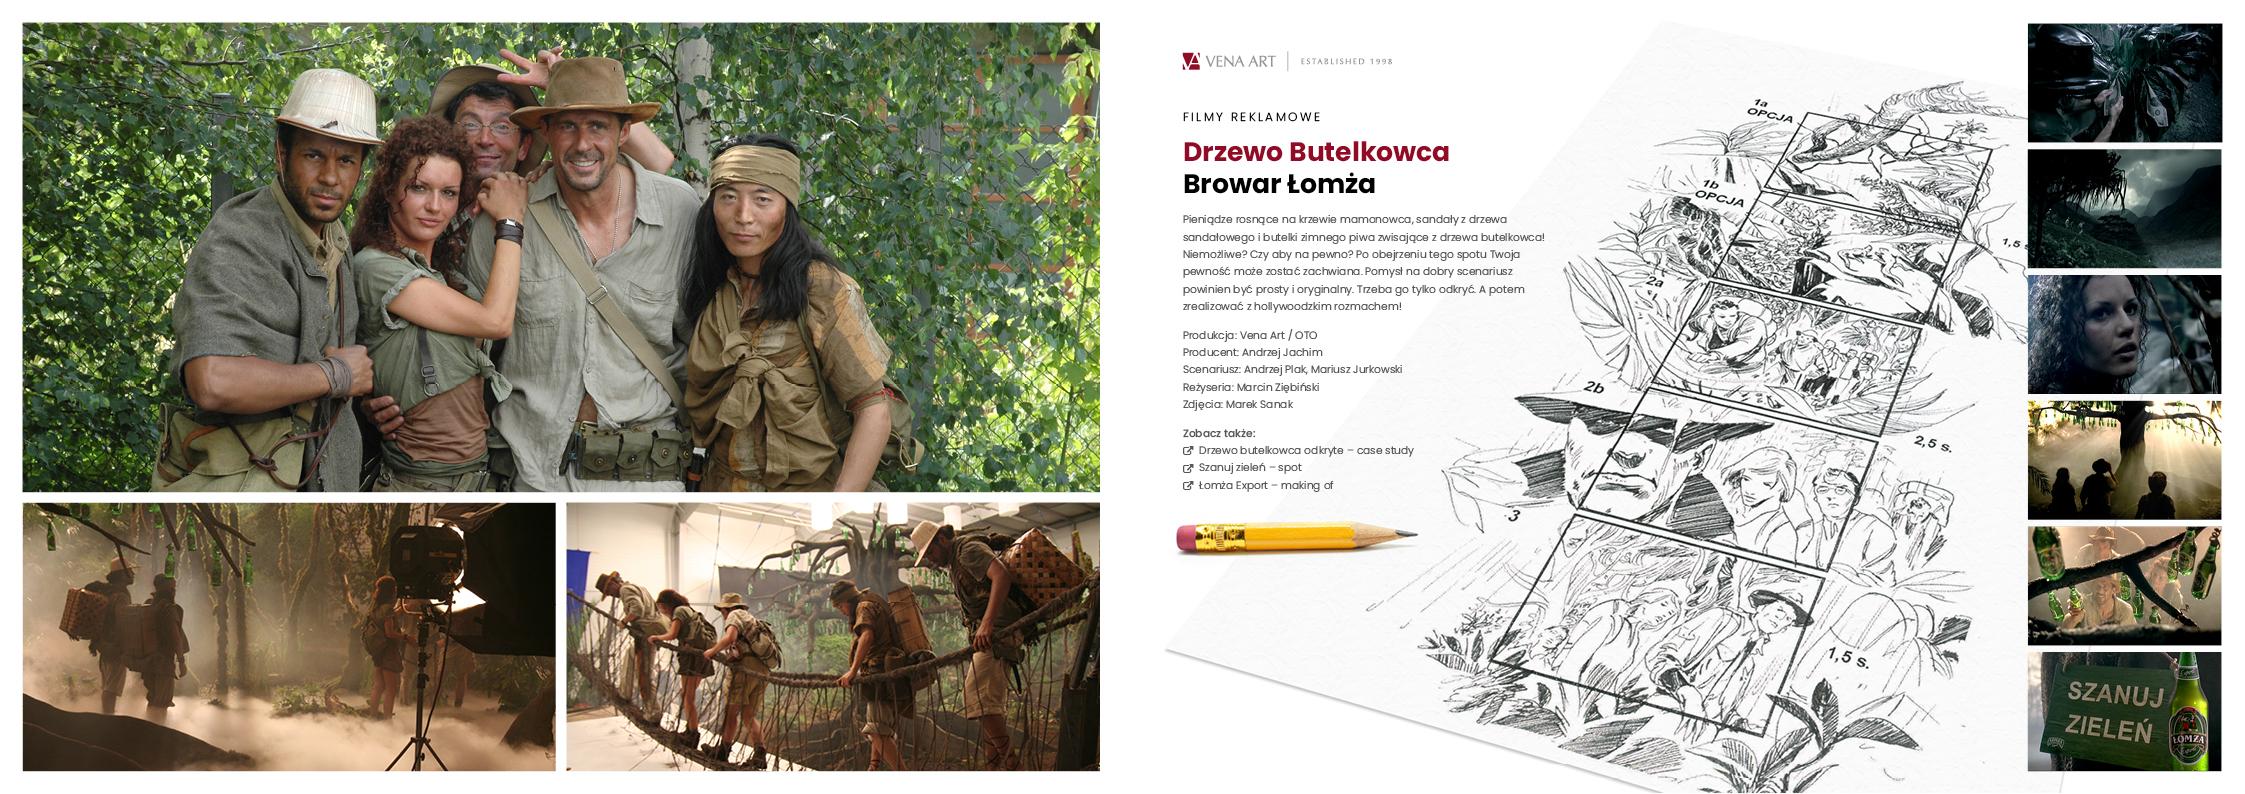 Drzewo Butelkowca —Browar Łomża